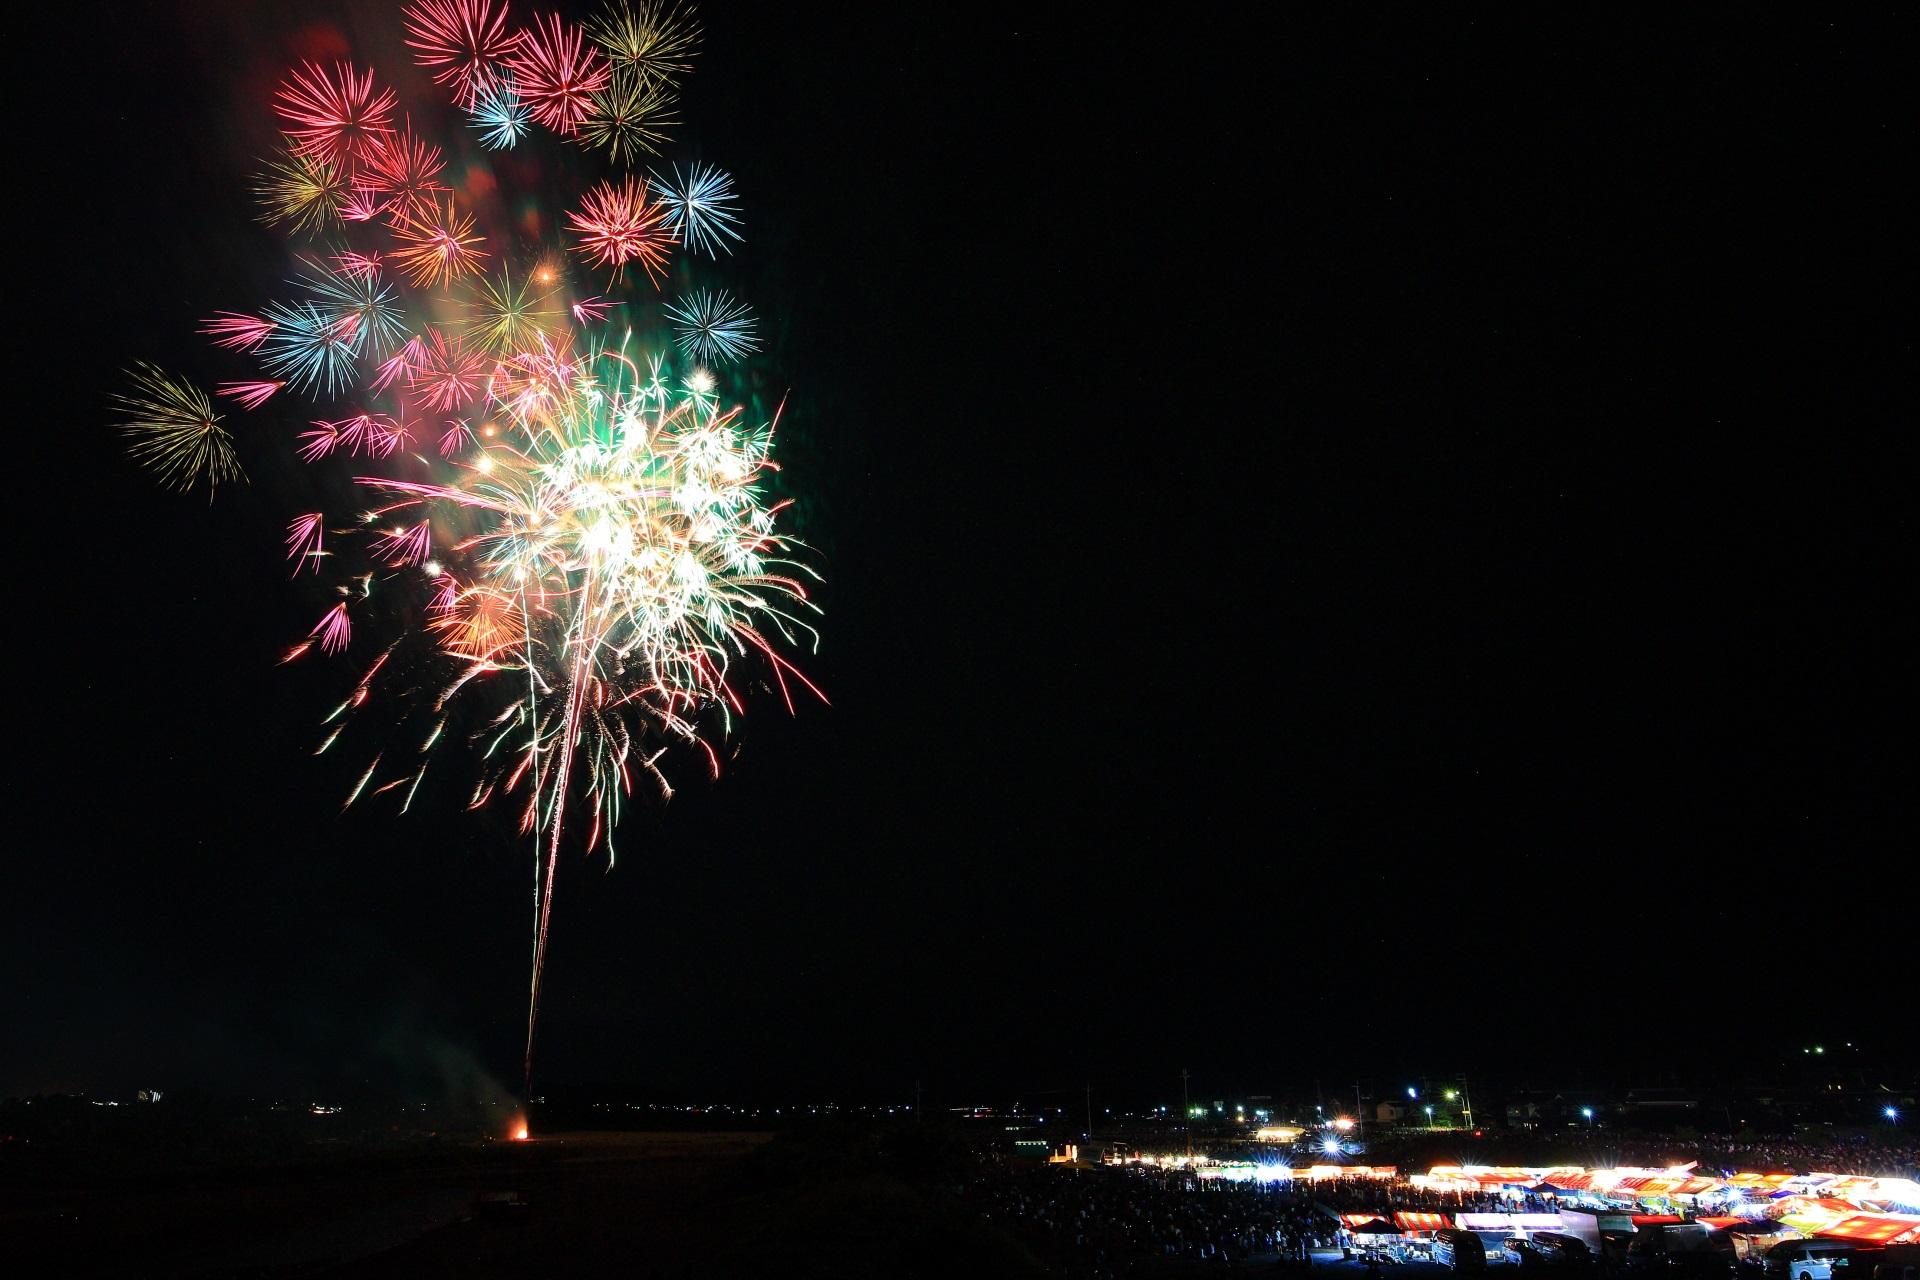 亀岡の夜空を鮮やかな夏色にそめる花火